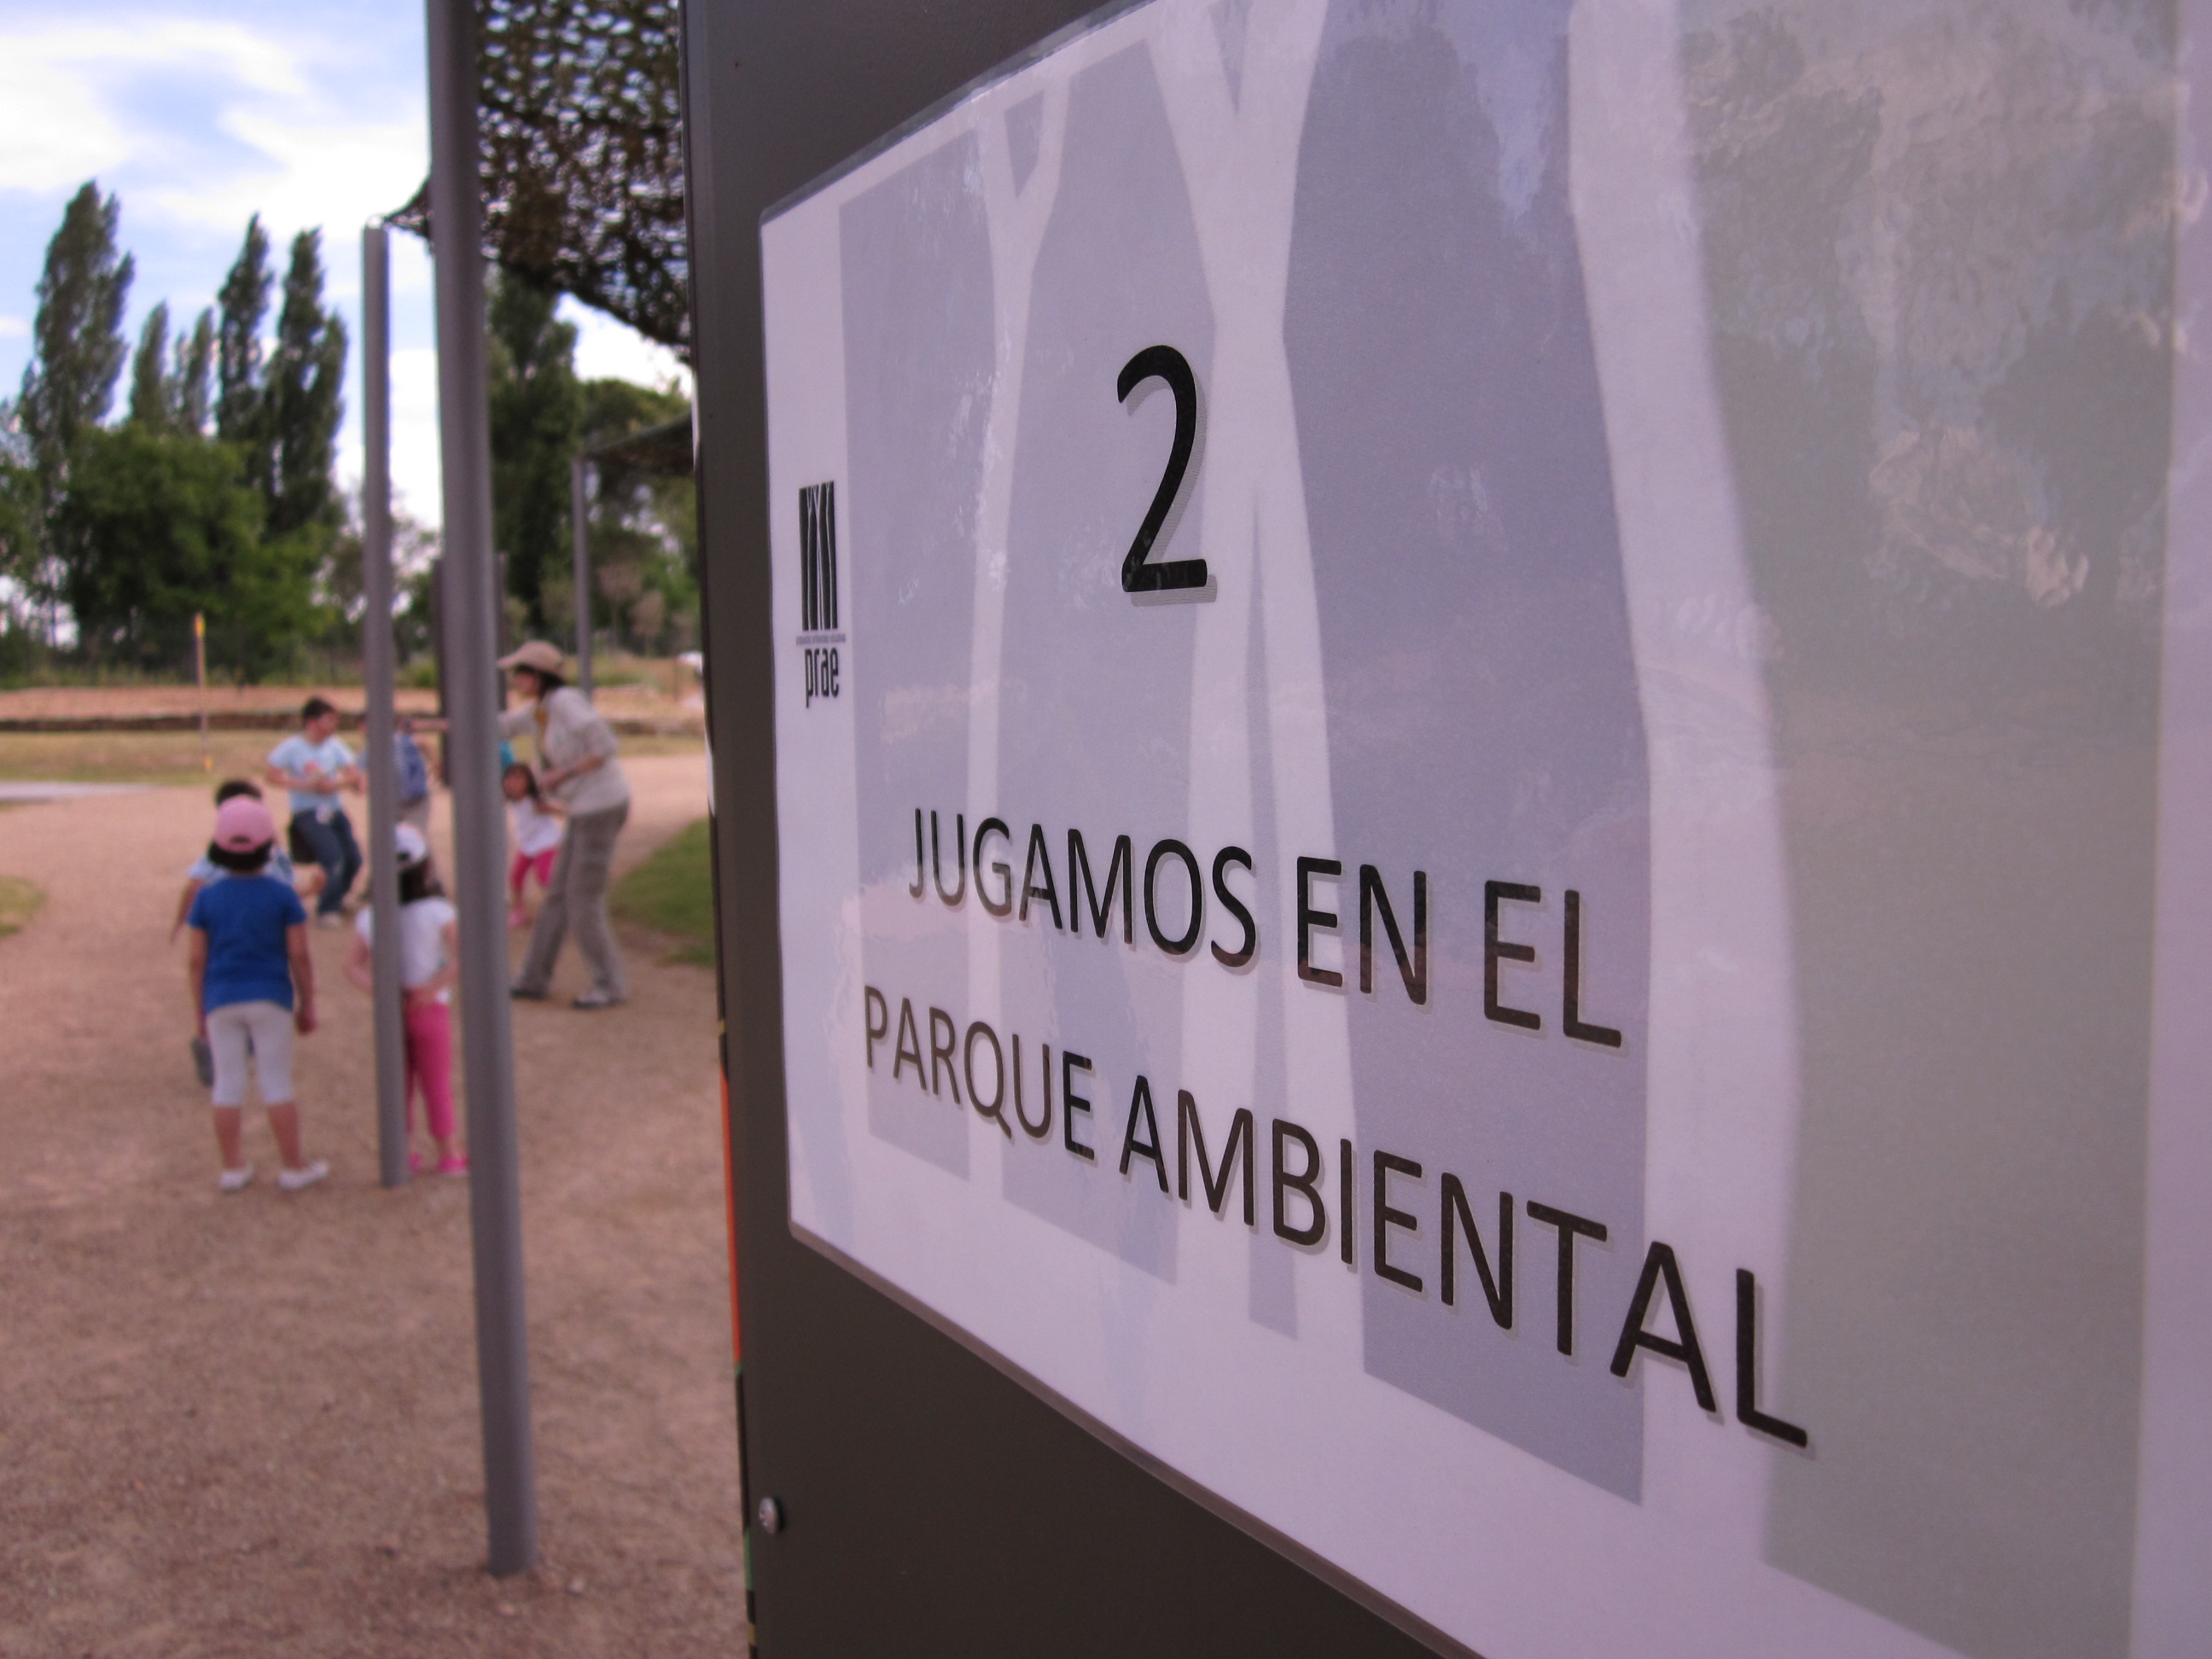 Talleres de juegos educativos en el Parque Ambiental